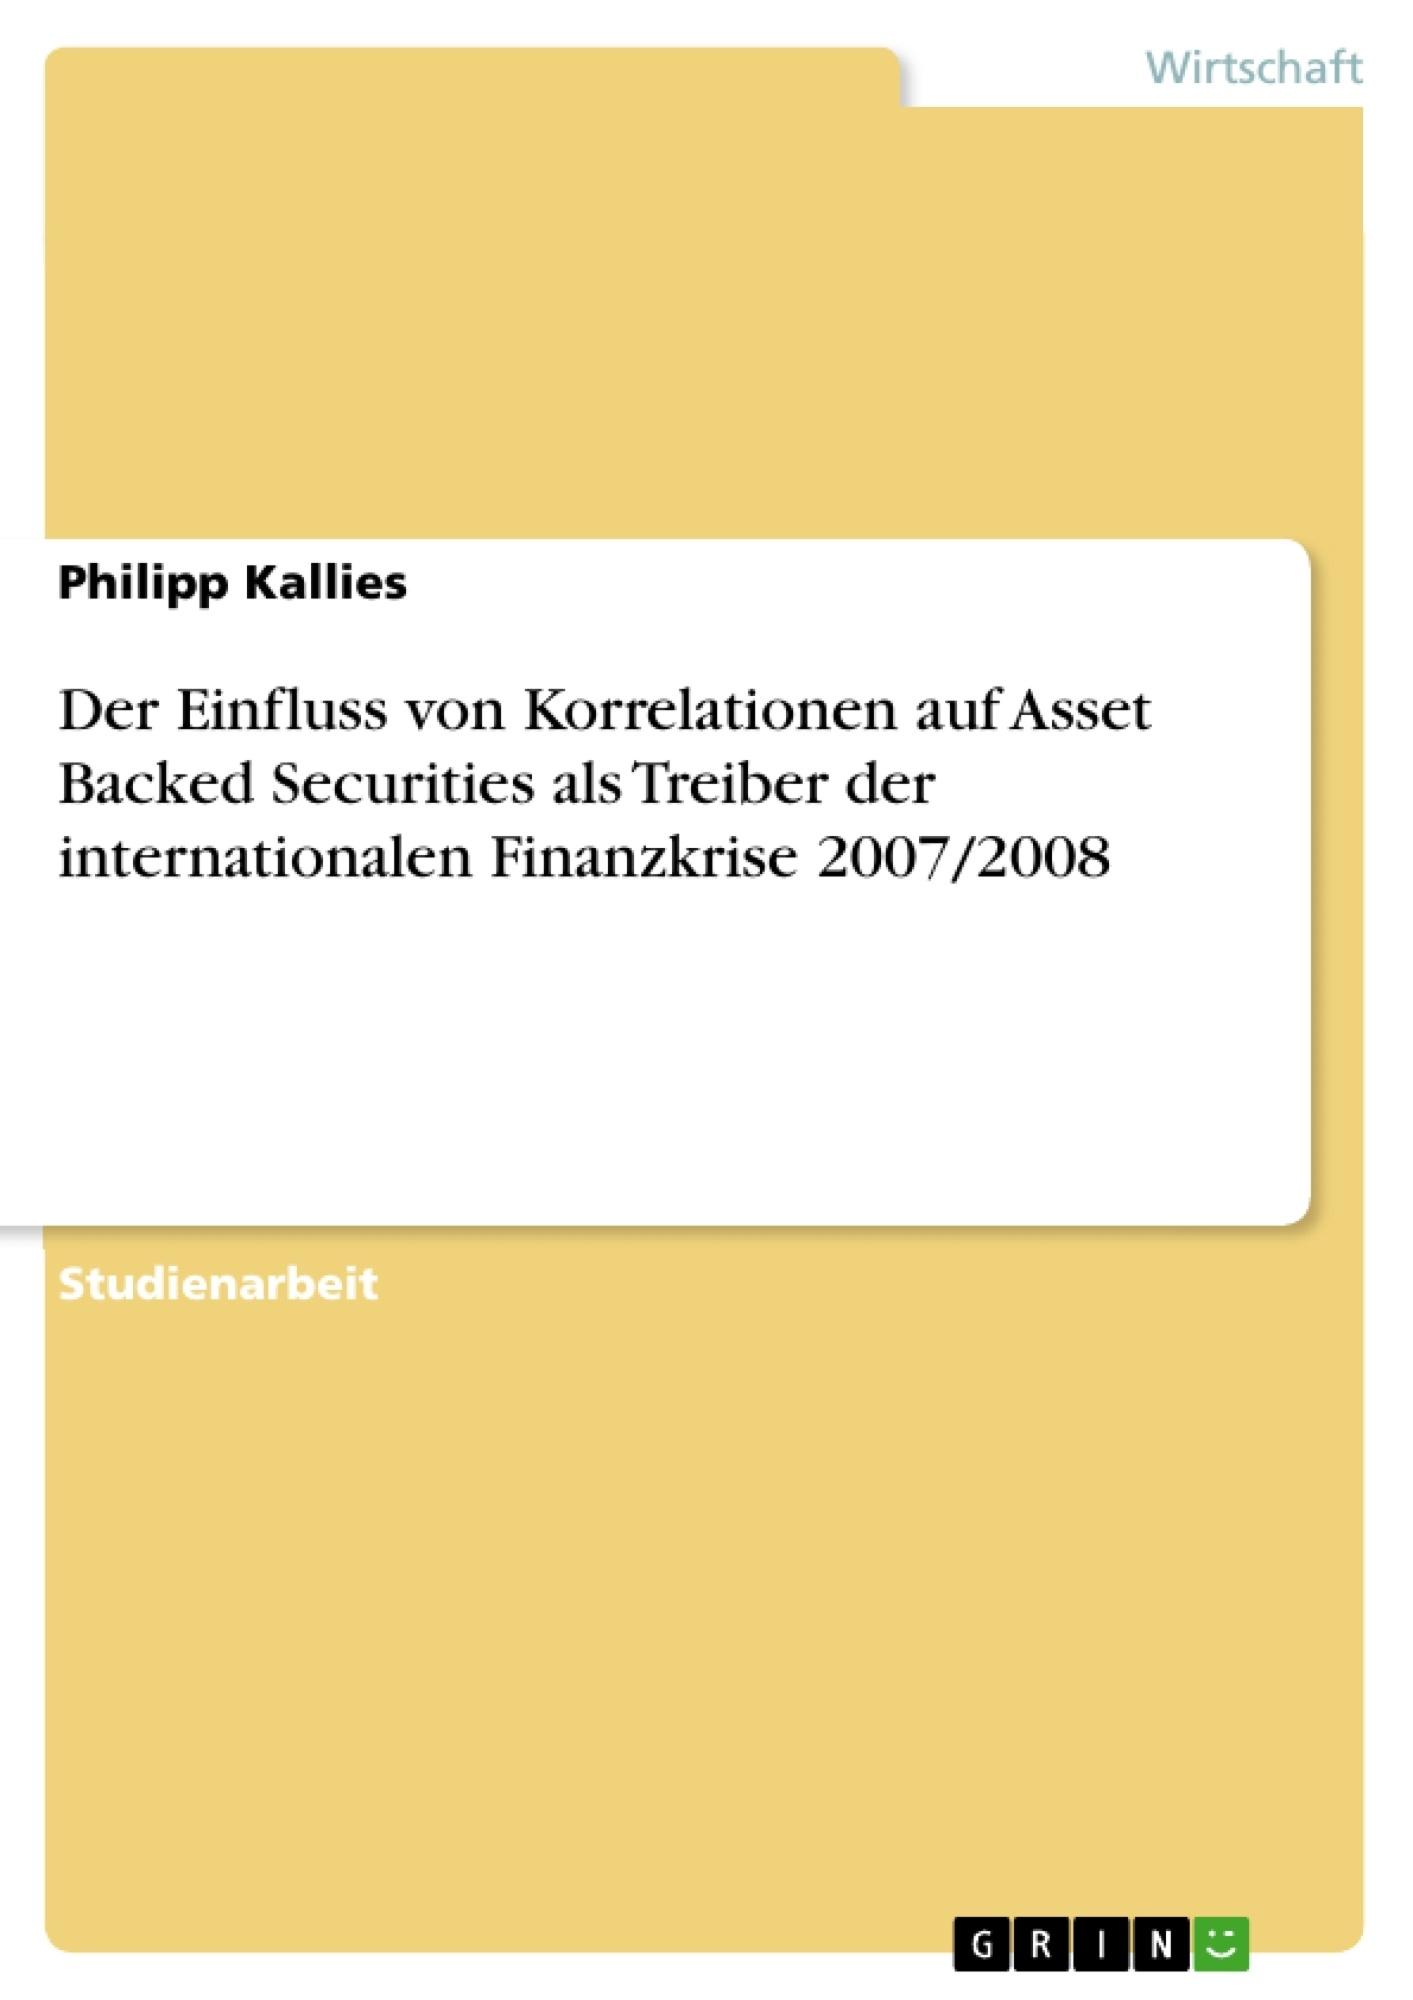 Titel: Der Einfluss von Korrelationen auf Asset Backed Securities als Treiber der internationalen Finanzkrise 2007/2008